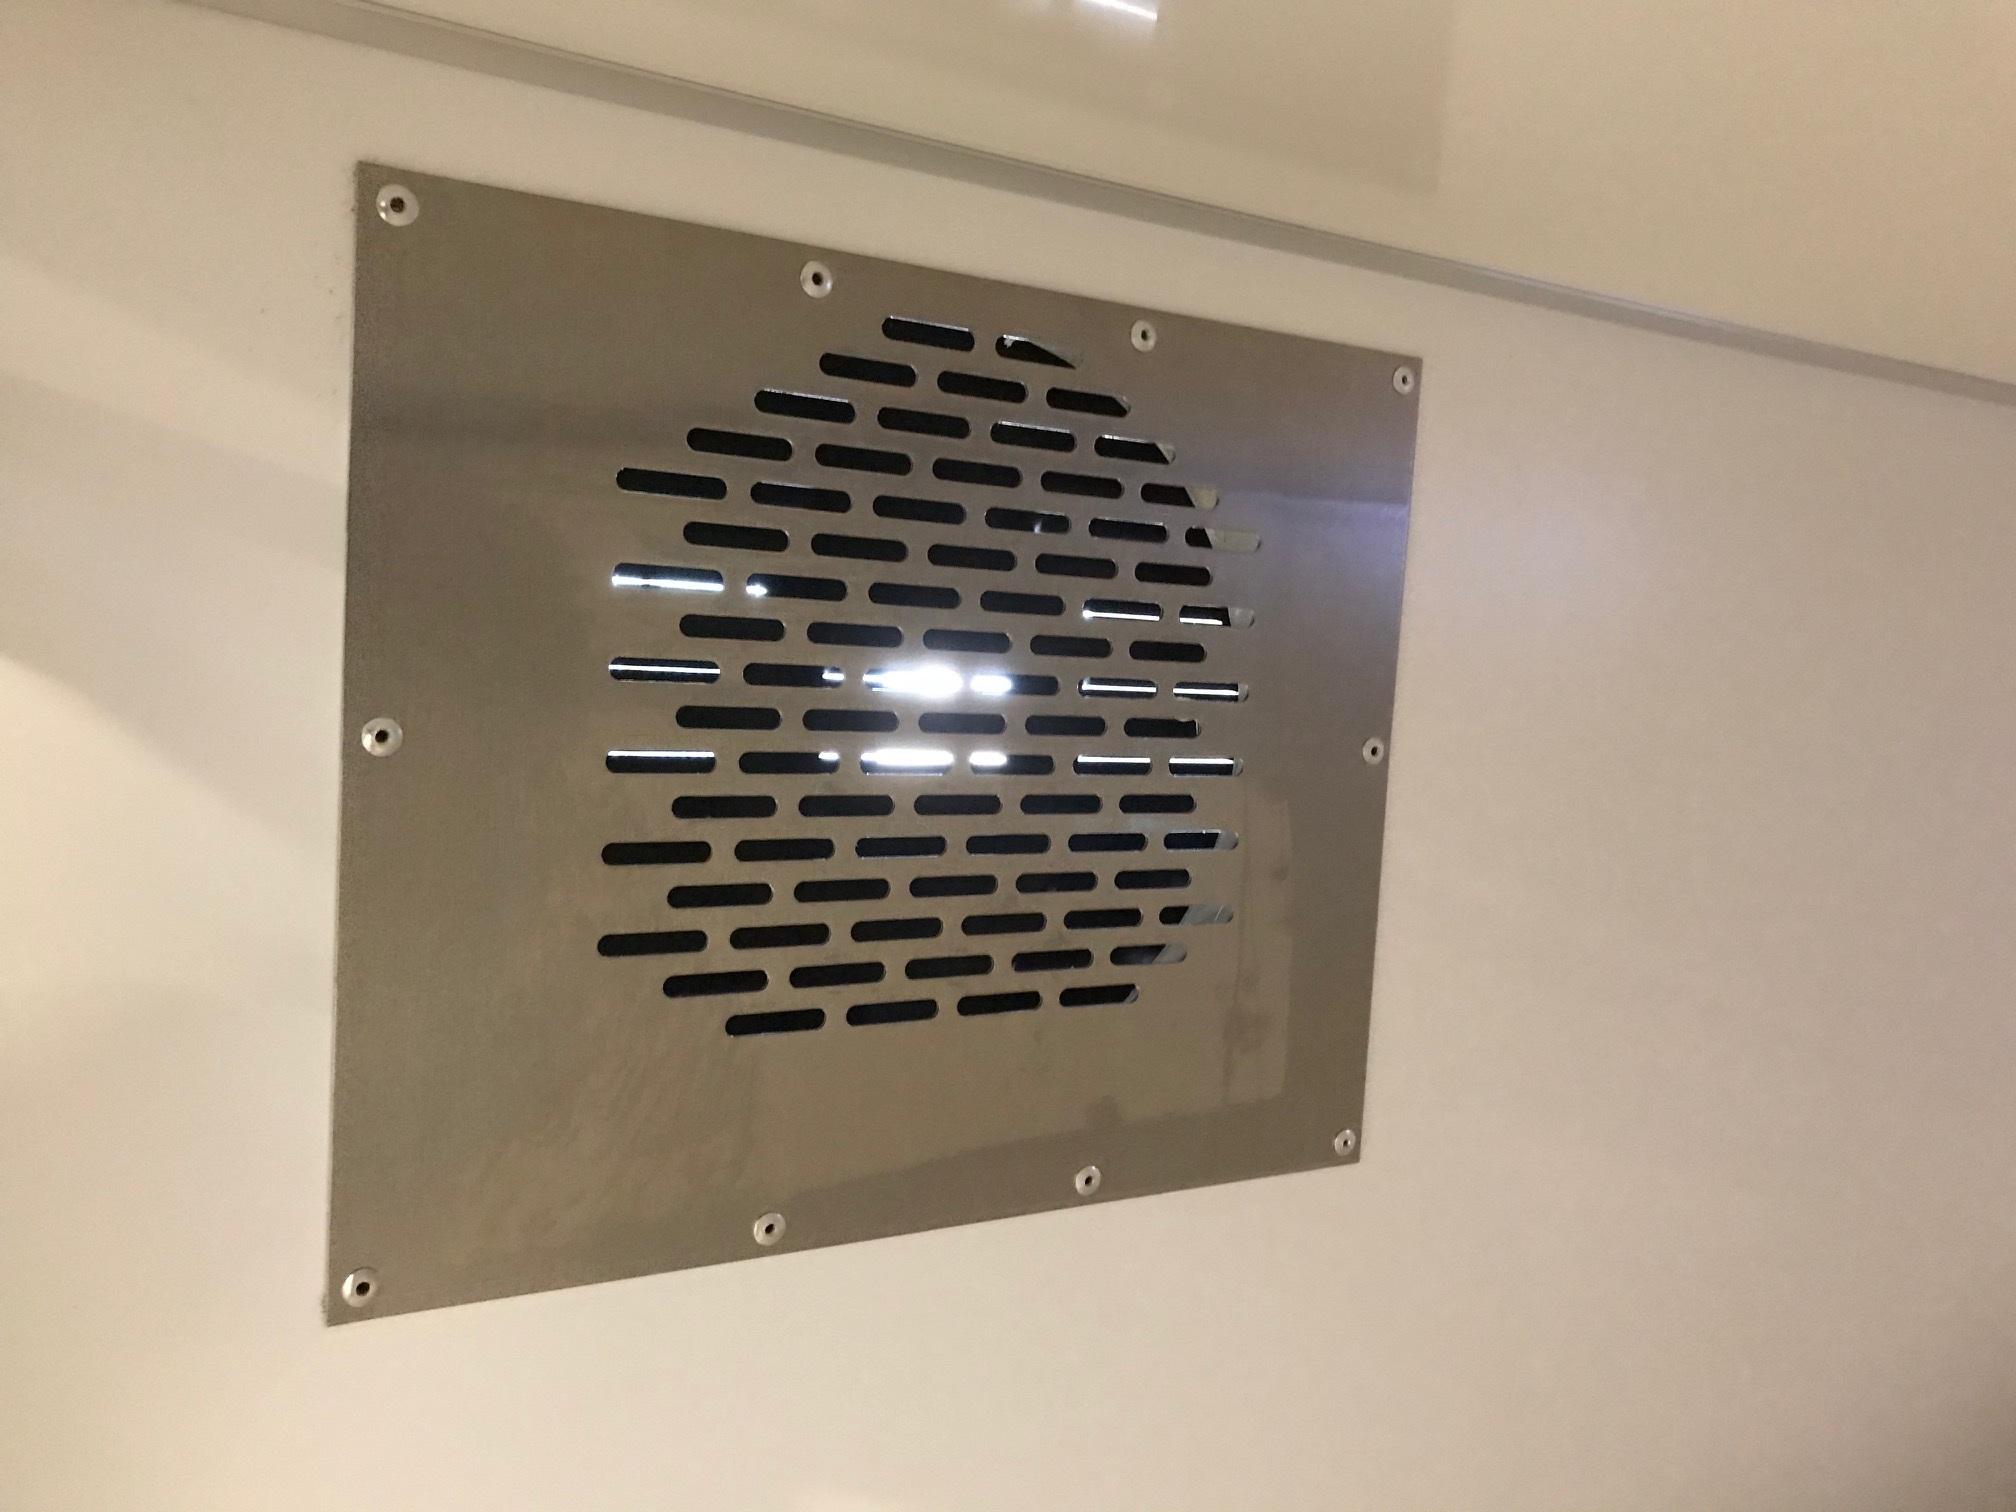 Rektangulärt innegaller med runt hål på insidan